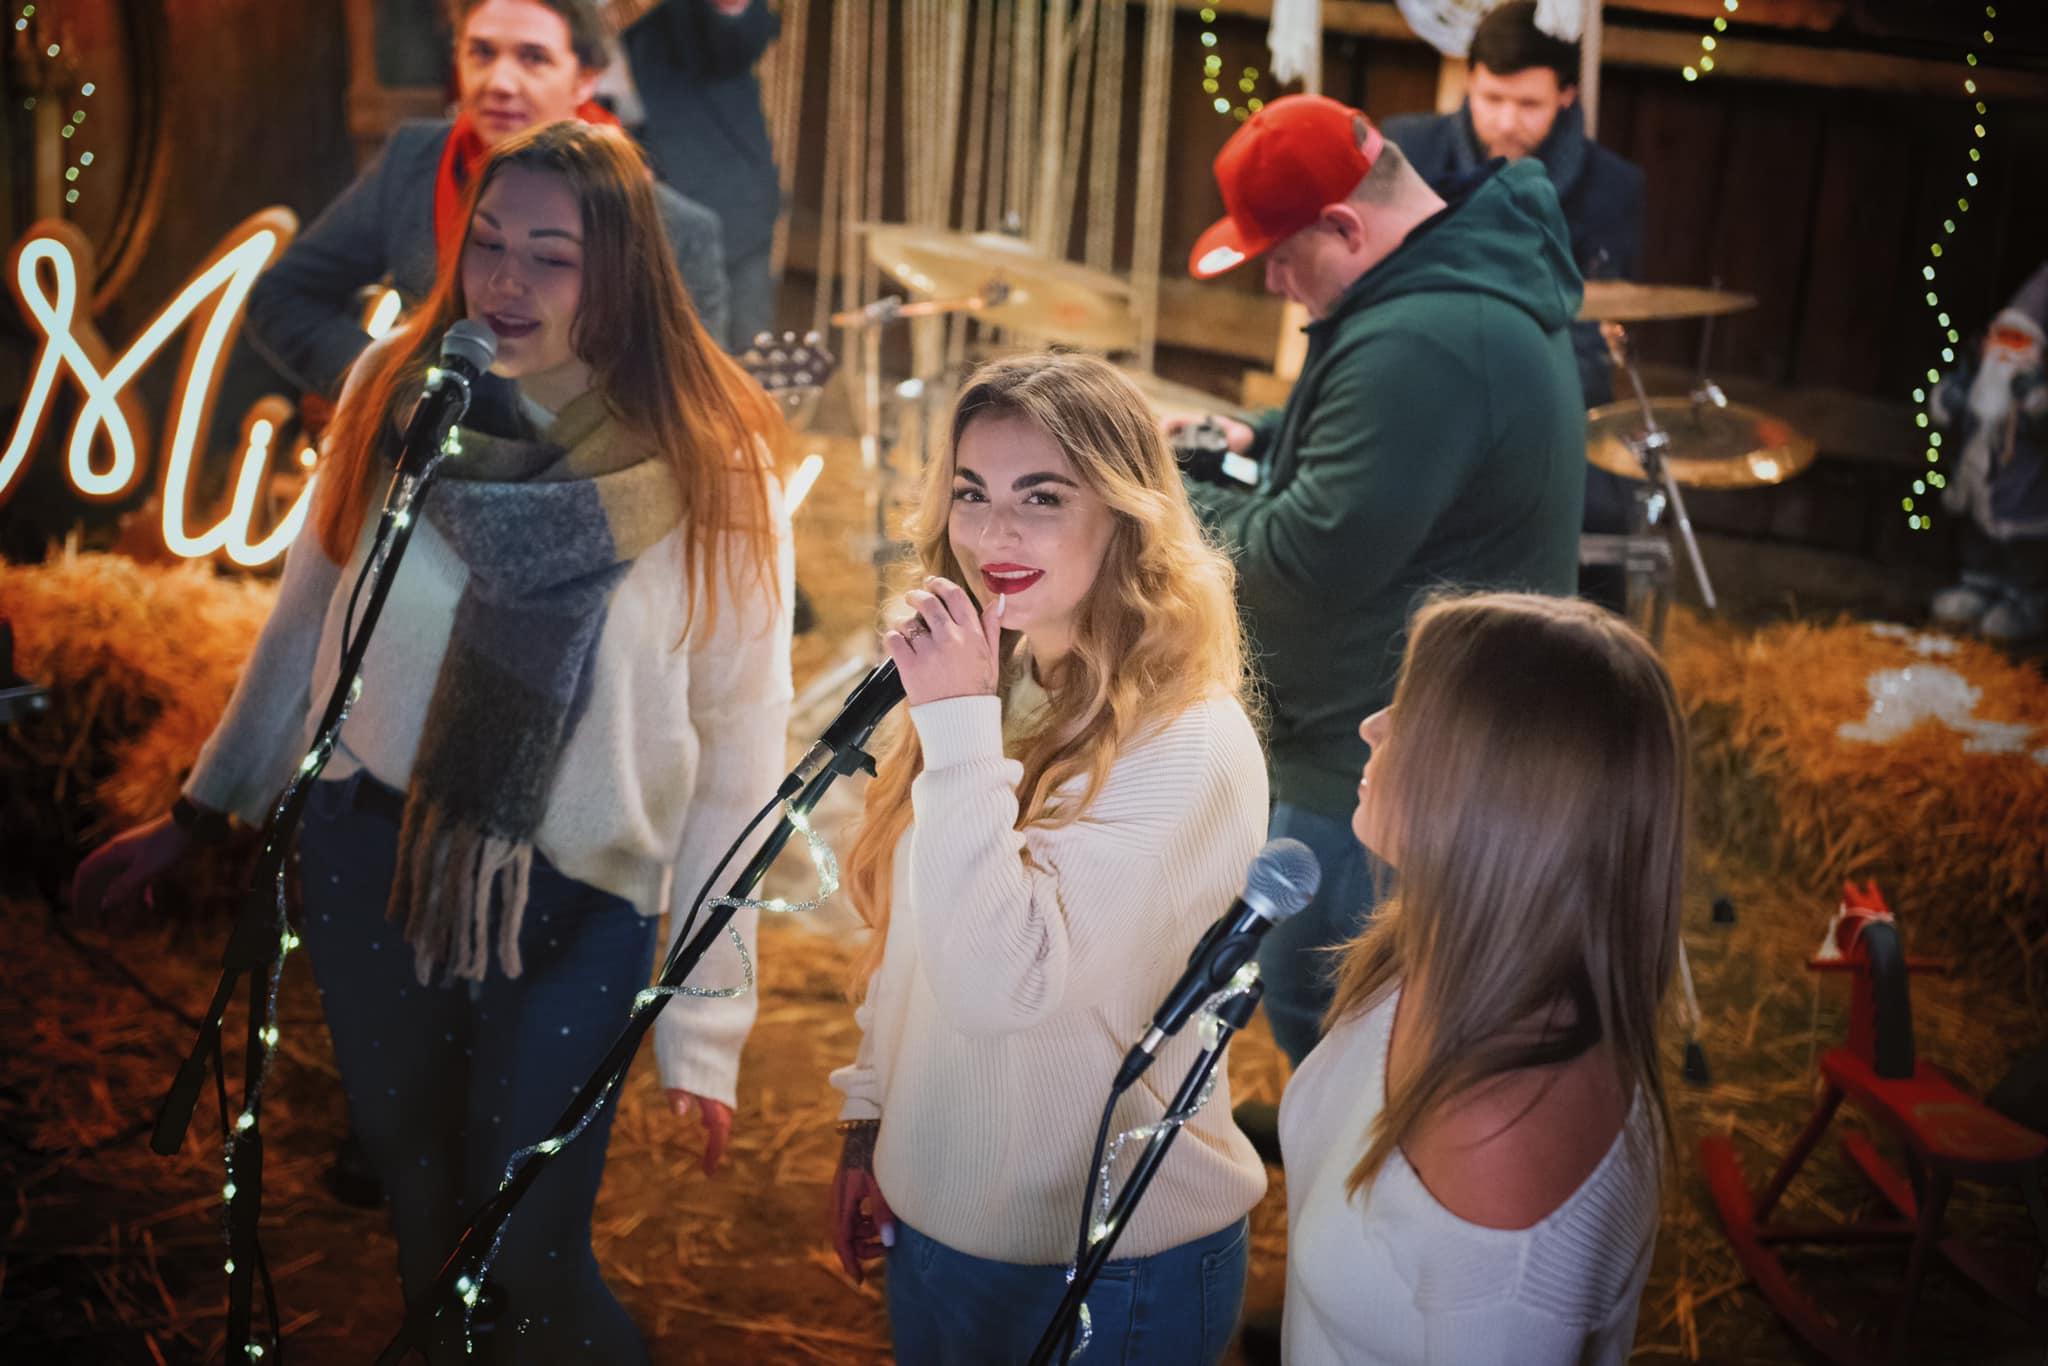 Świąteczny utwór lokalnych muzyków zapowiadający noworoczny koncert [VIDEO]